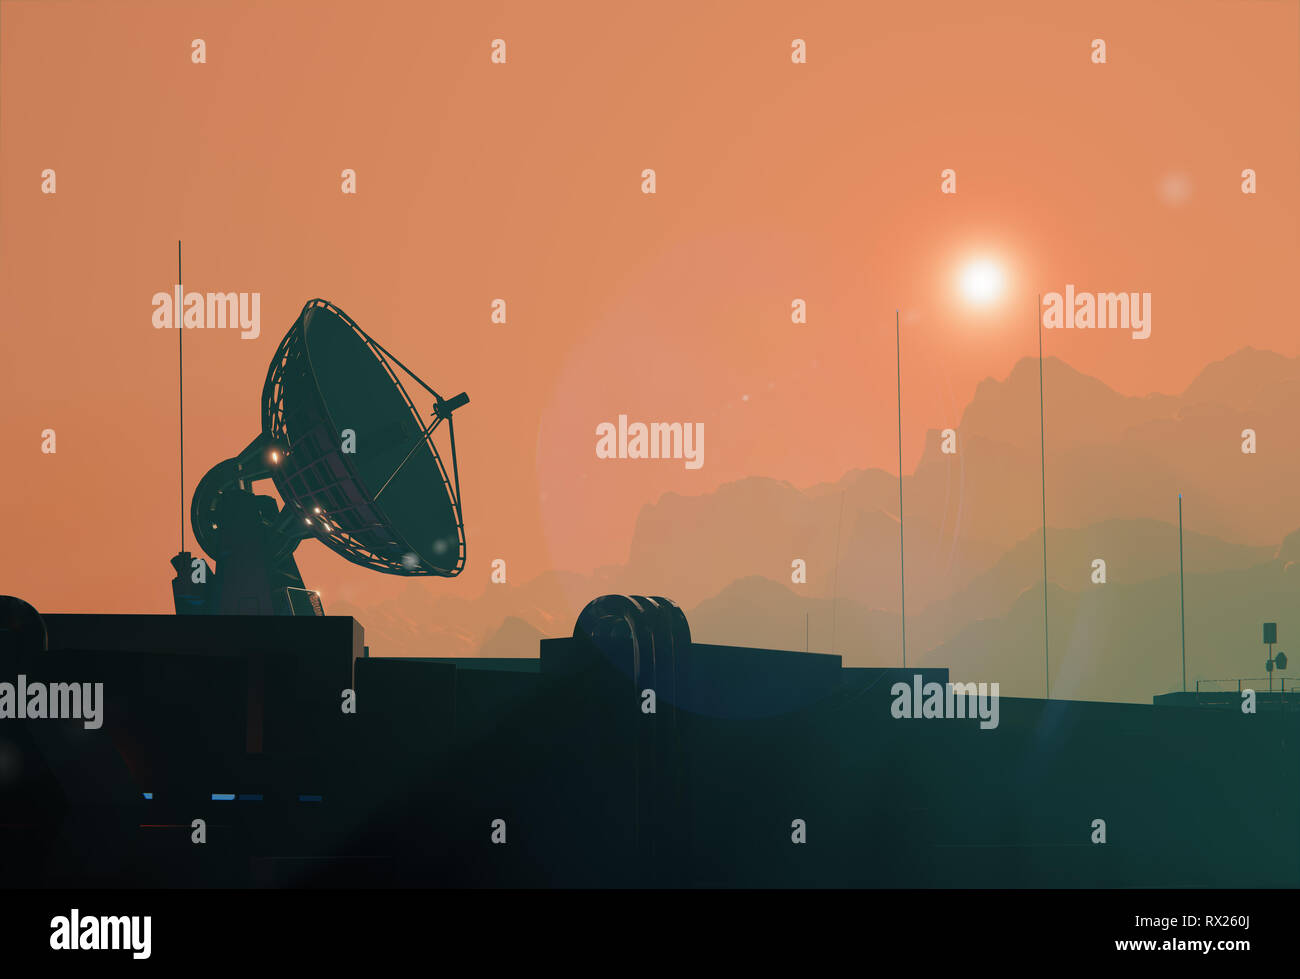 Sat-Parabolantenne Silhouette der Raum Basis auf dem Mars, 3D-Darstellung Stockfoto